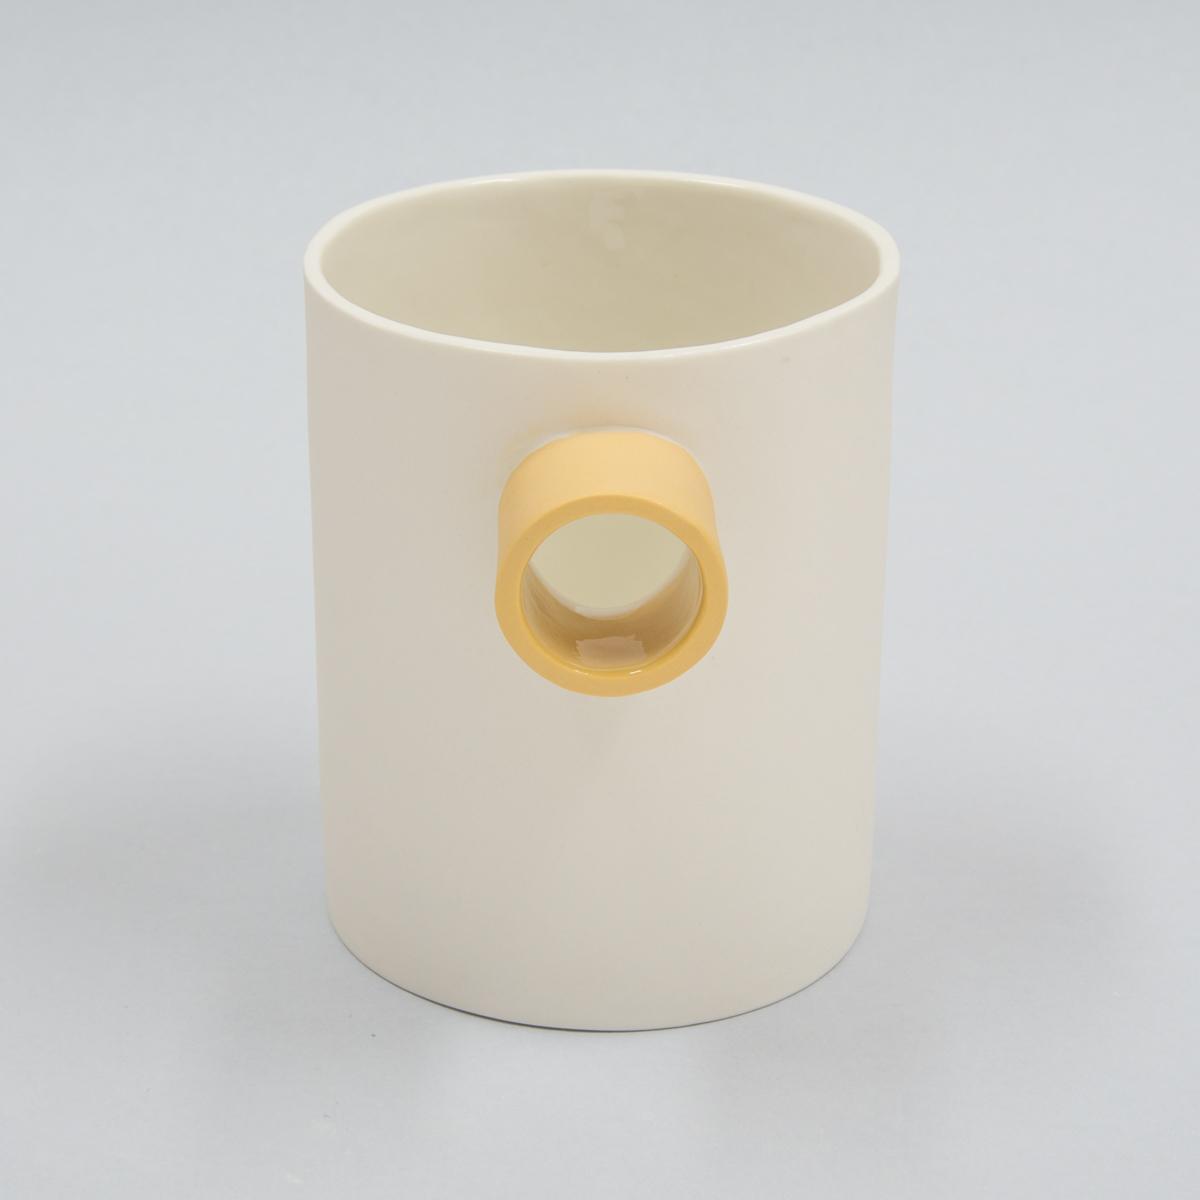 Carafe porcelaine bec jaune